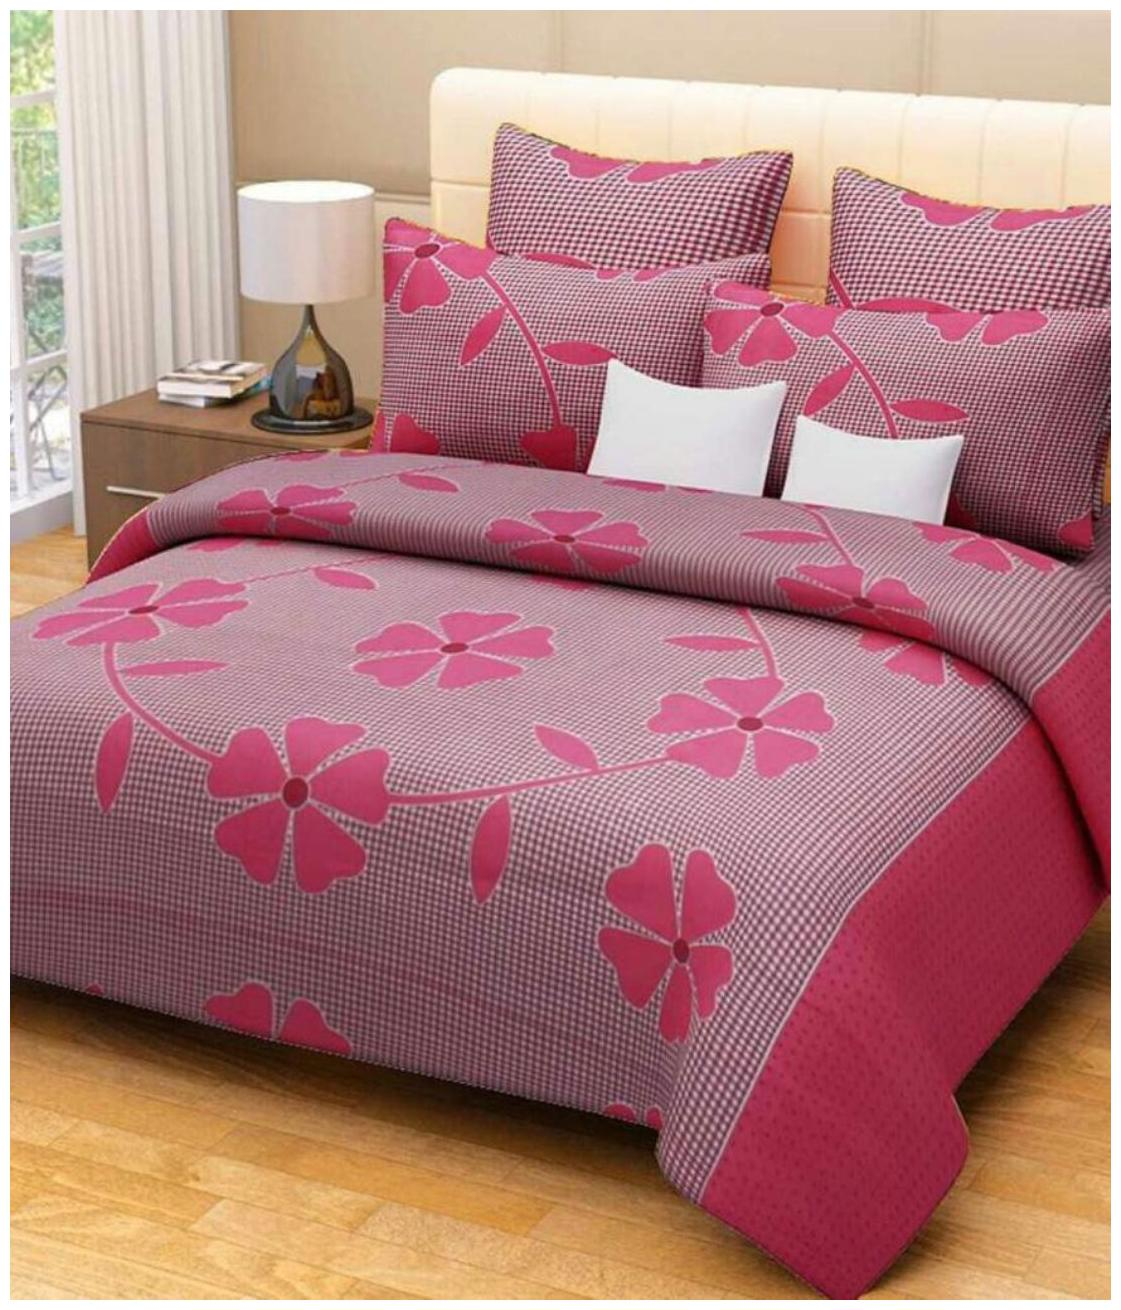 Details about  /Kohinoor Cotton Double Bedsheet 150 TC 2nos + 4 Pillow case-Multi-JPz